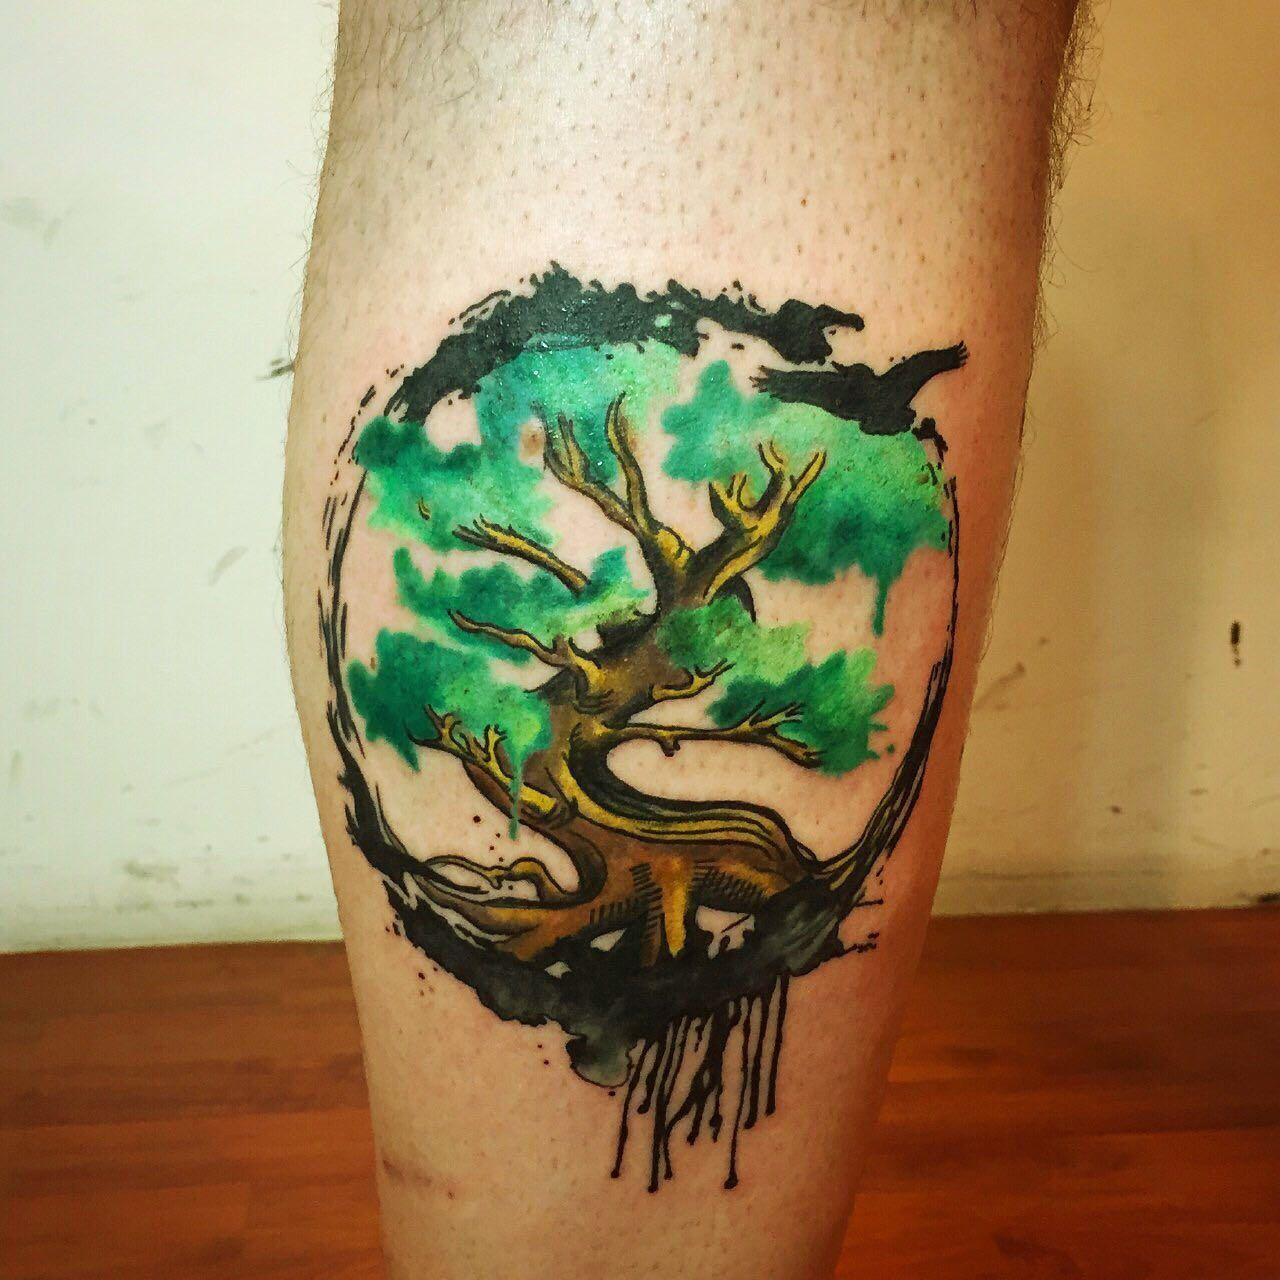 c29f0ce7cbb38 Yggdrasil Tattoo | Tattoos | Yggdrasil tattoo, Watercolor tattoo ...